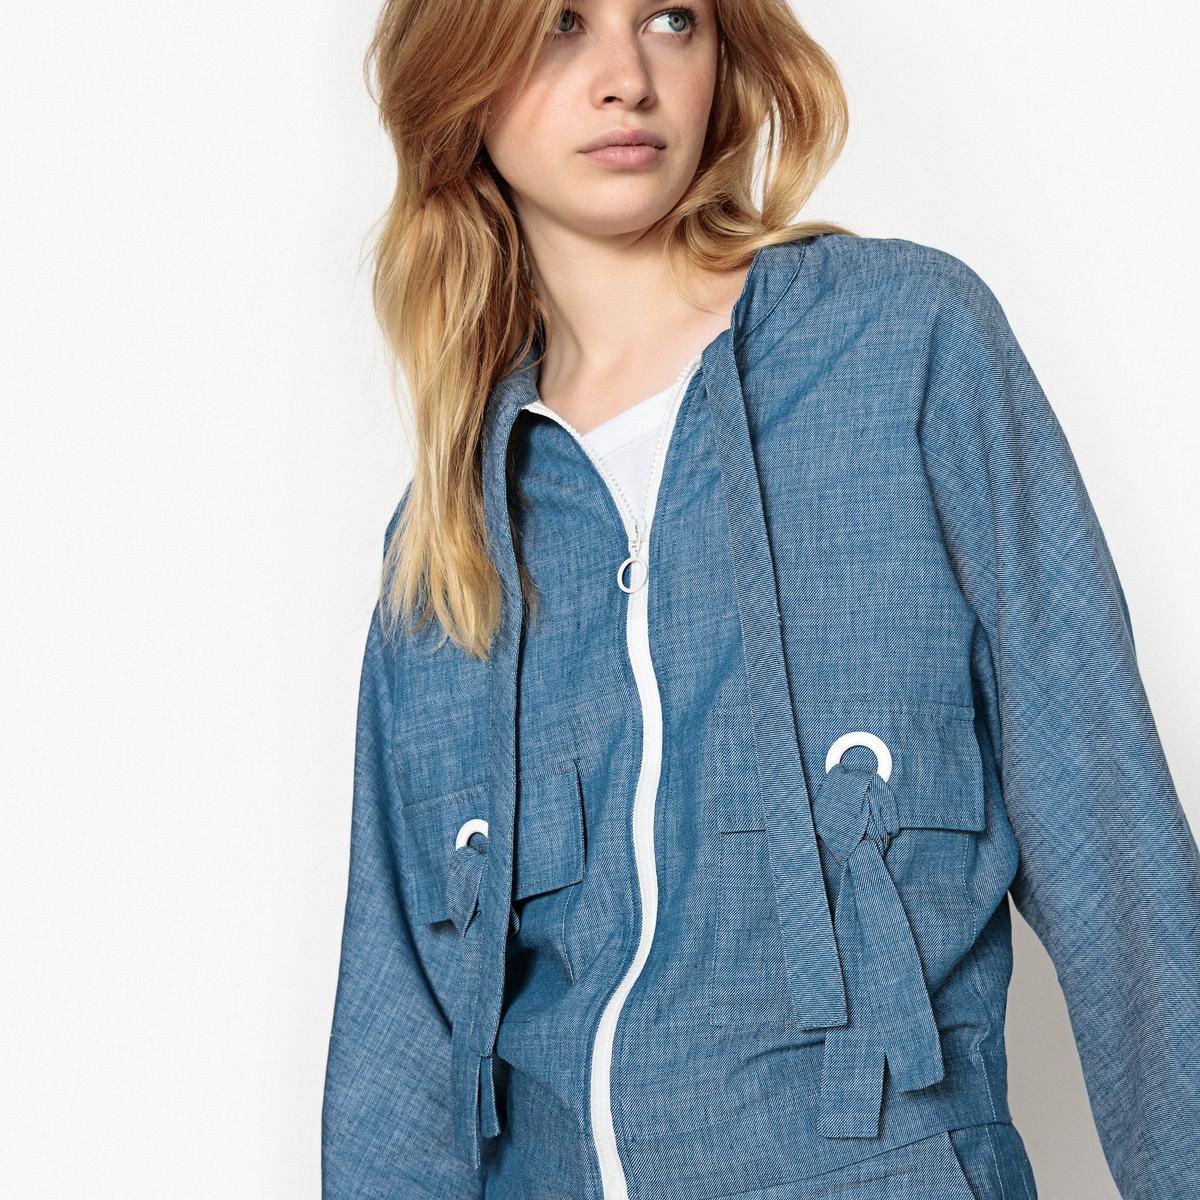 Куртка La Redoute На молнии из хлопкальна 44 (FR) - 50 (RUS) синий шорты la redoute плавательные с принтом джунгли мес года 18 мес 81 см синий